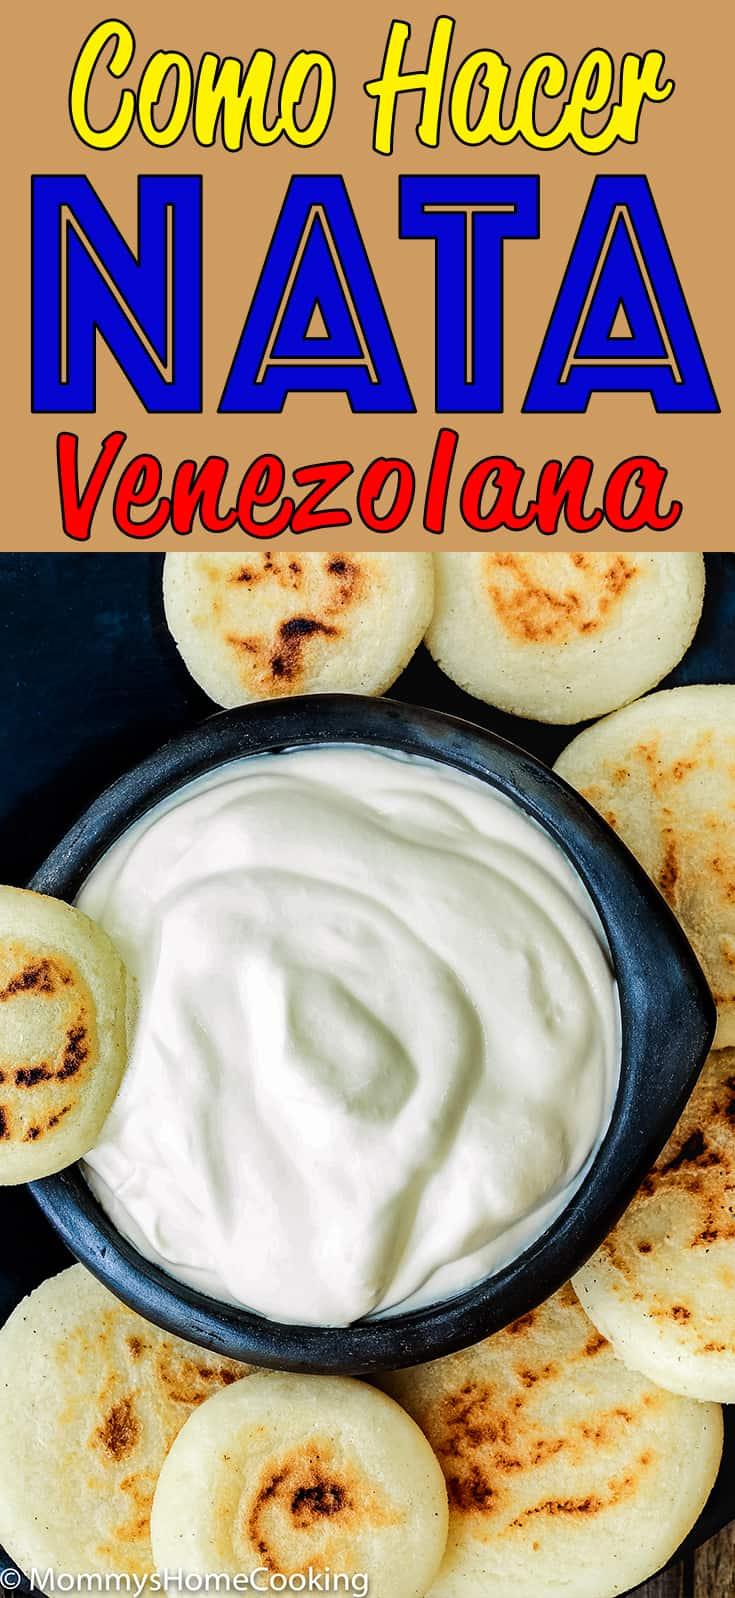 Esta nata venezolana casera es sabrosa y muy fácil de hacer; solo 3 ingredientes y estará lista en 15 minutos. Sírvela con arepas, cachacas o casabe. https://mommyshomecooking.com